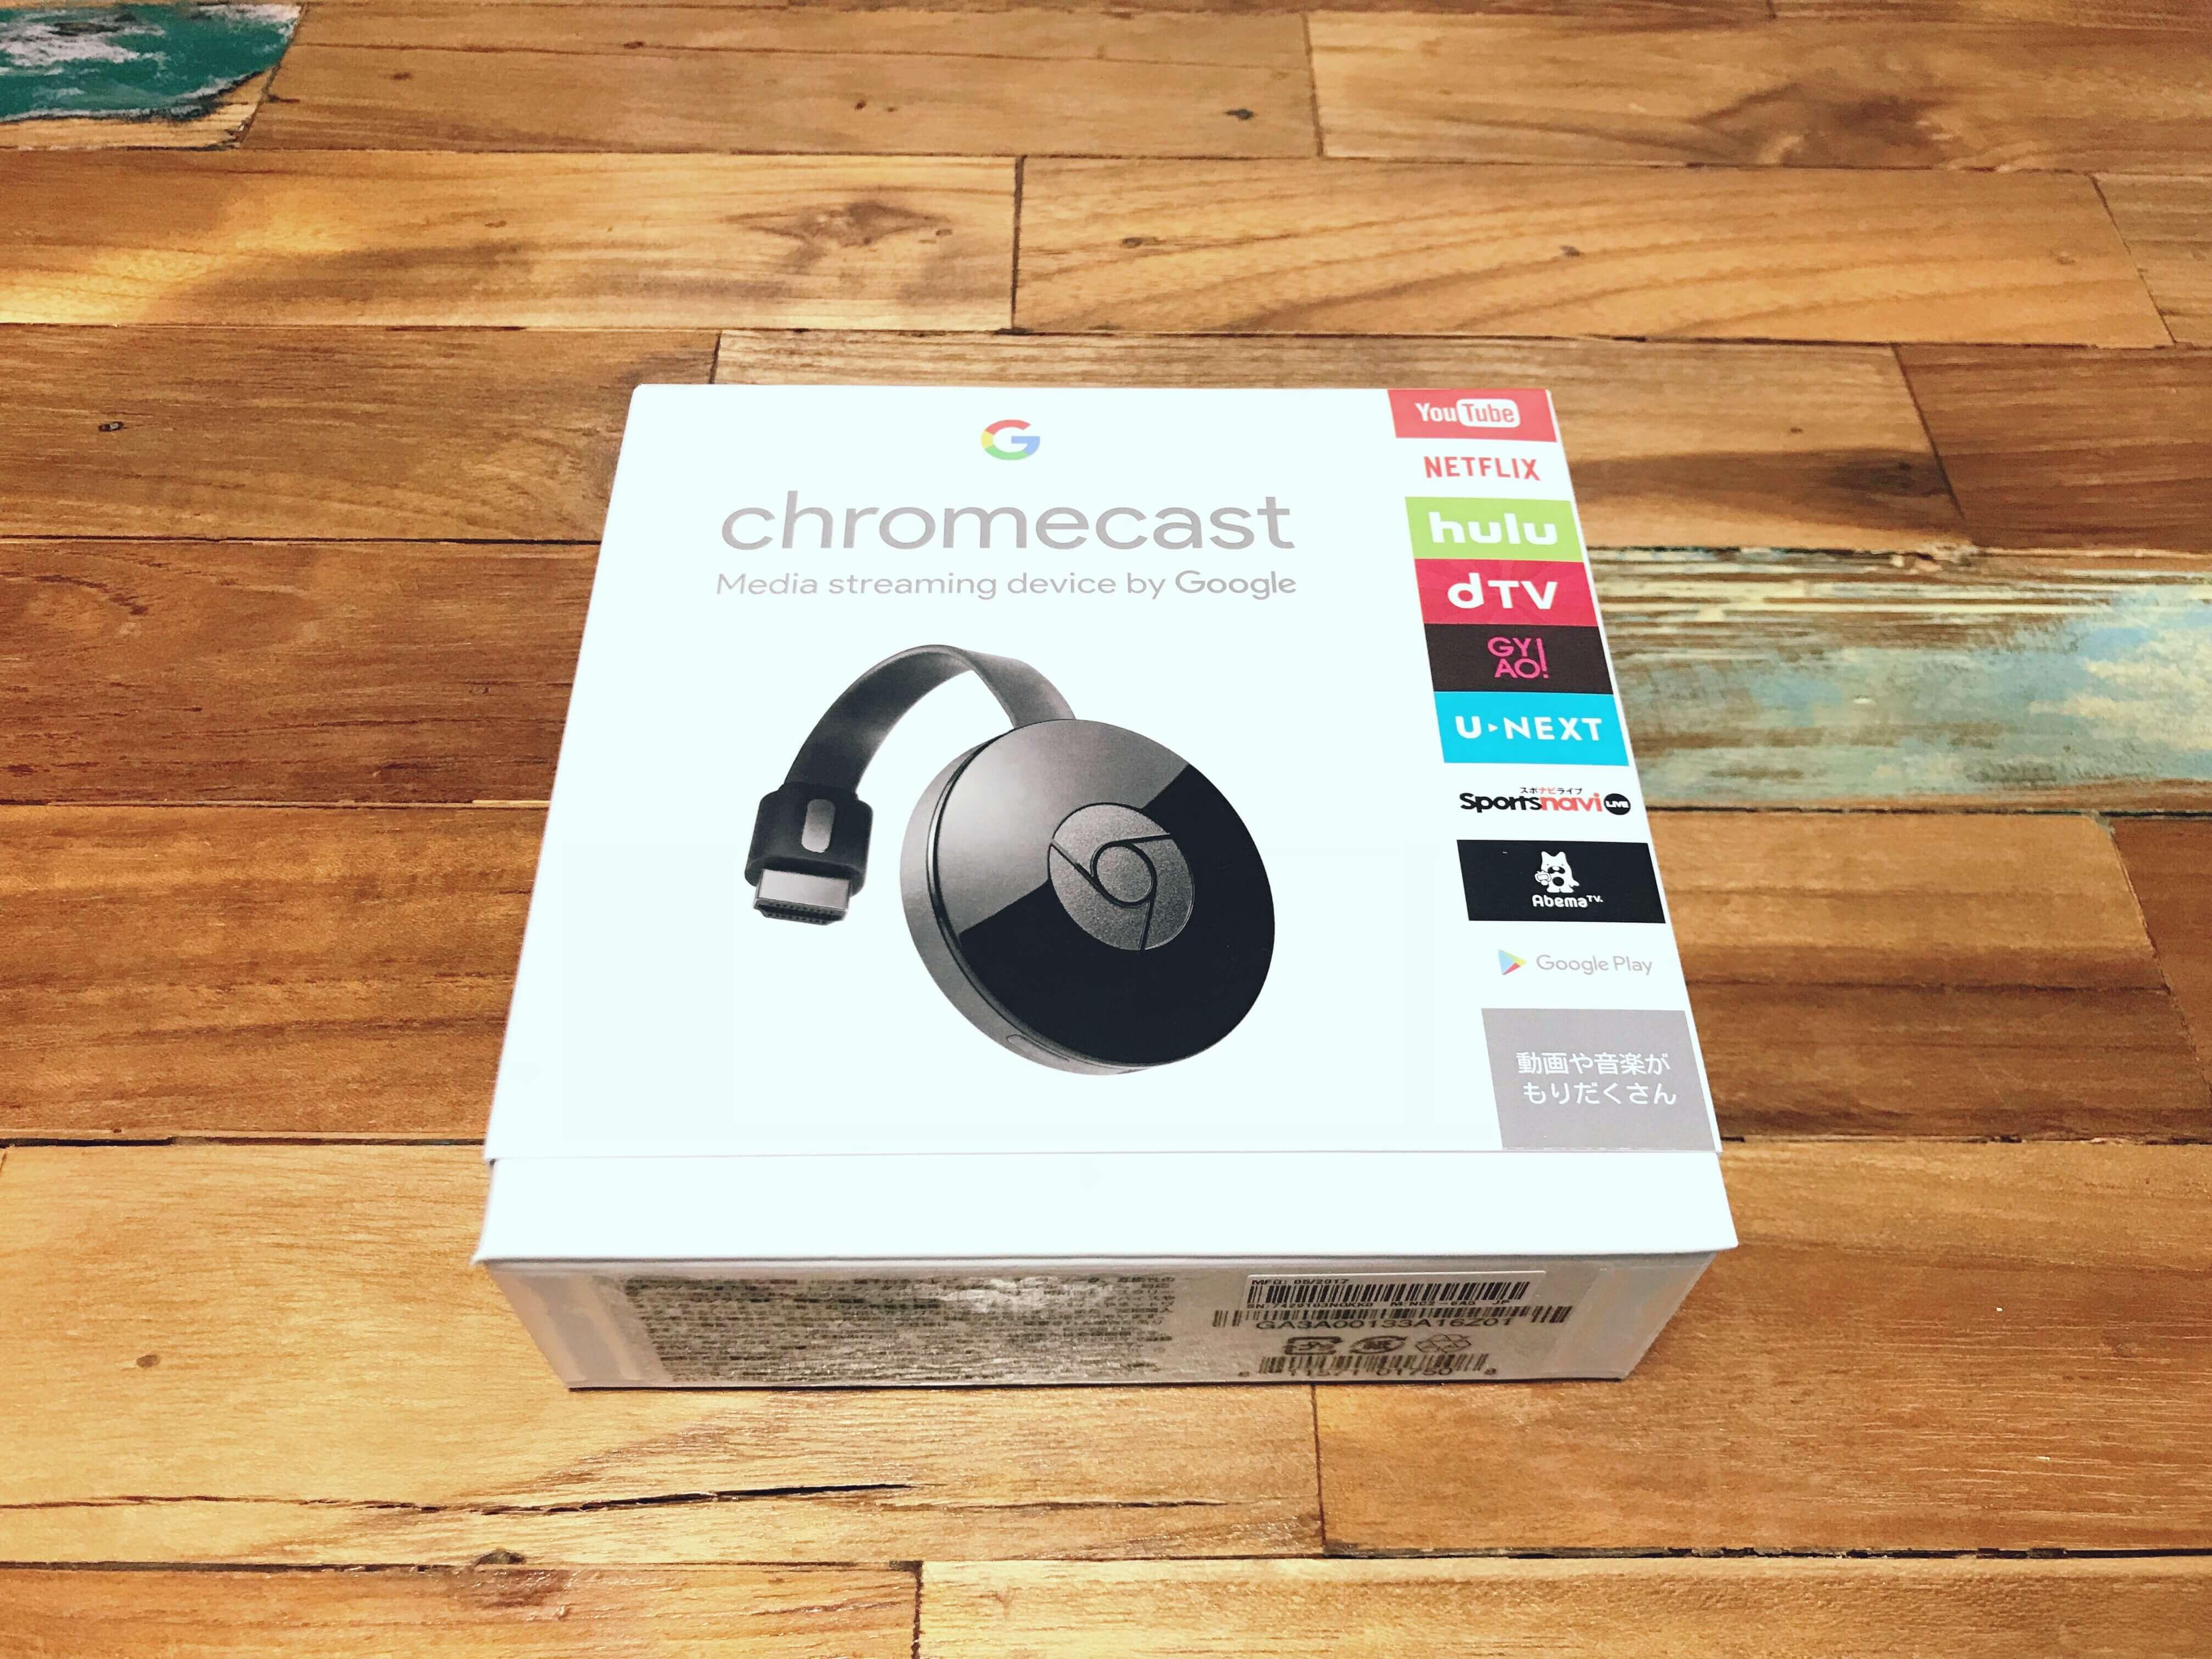 Chromecast(クロームキャスト)の設定・セットアップ方法と使い方まとめ!